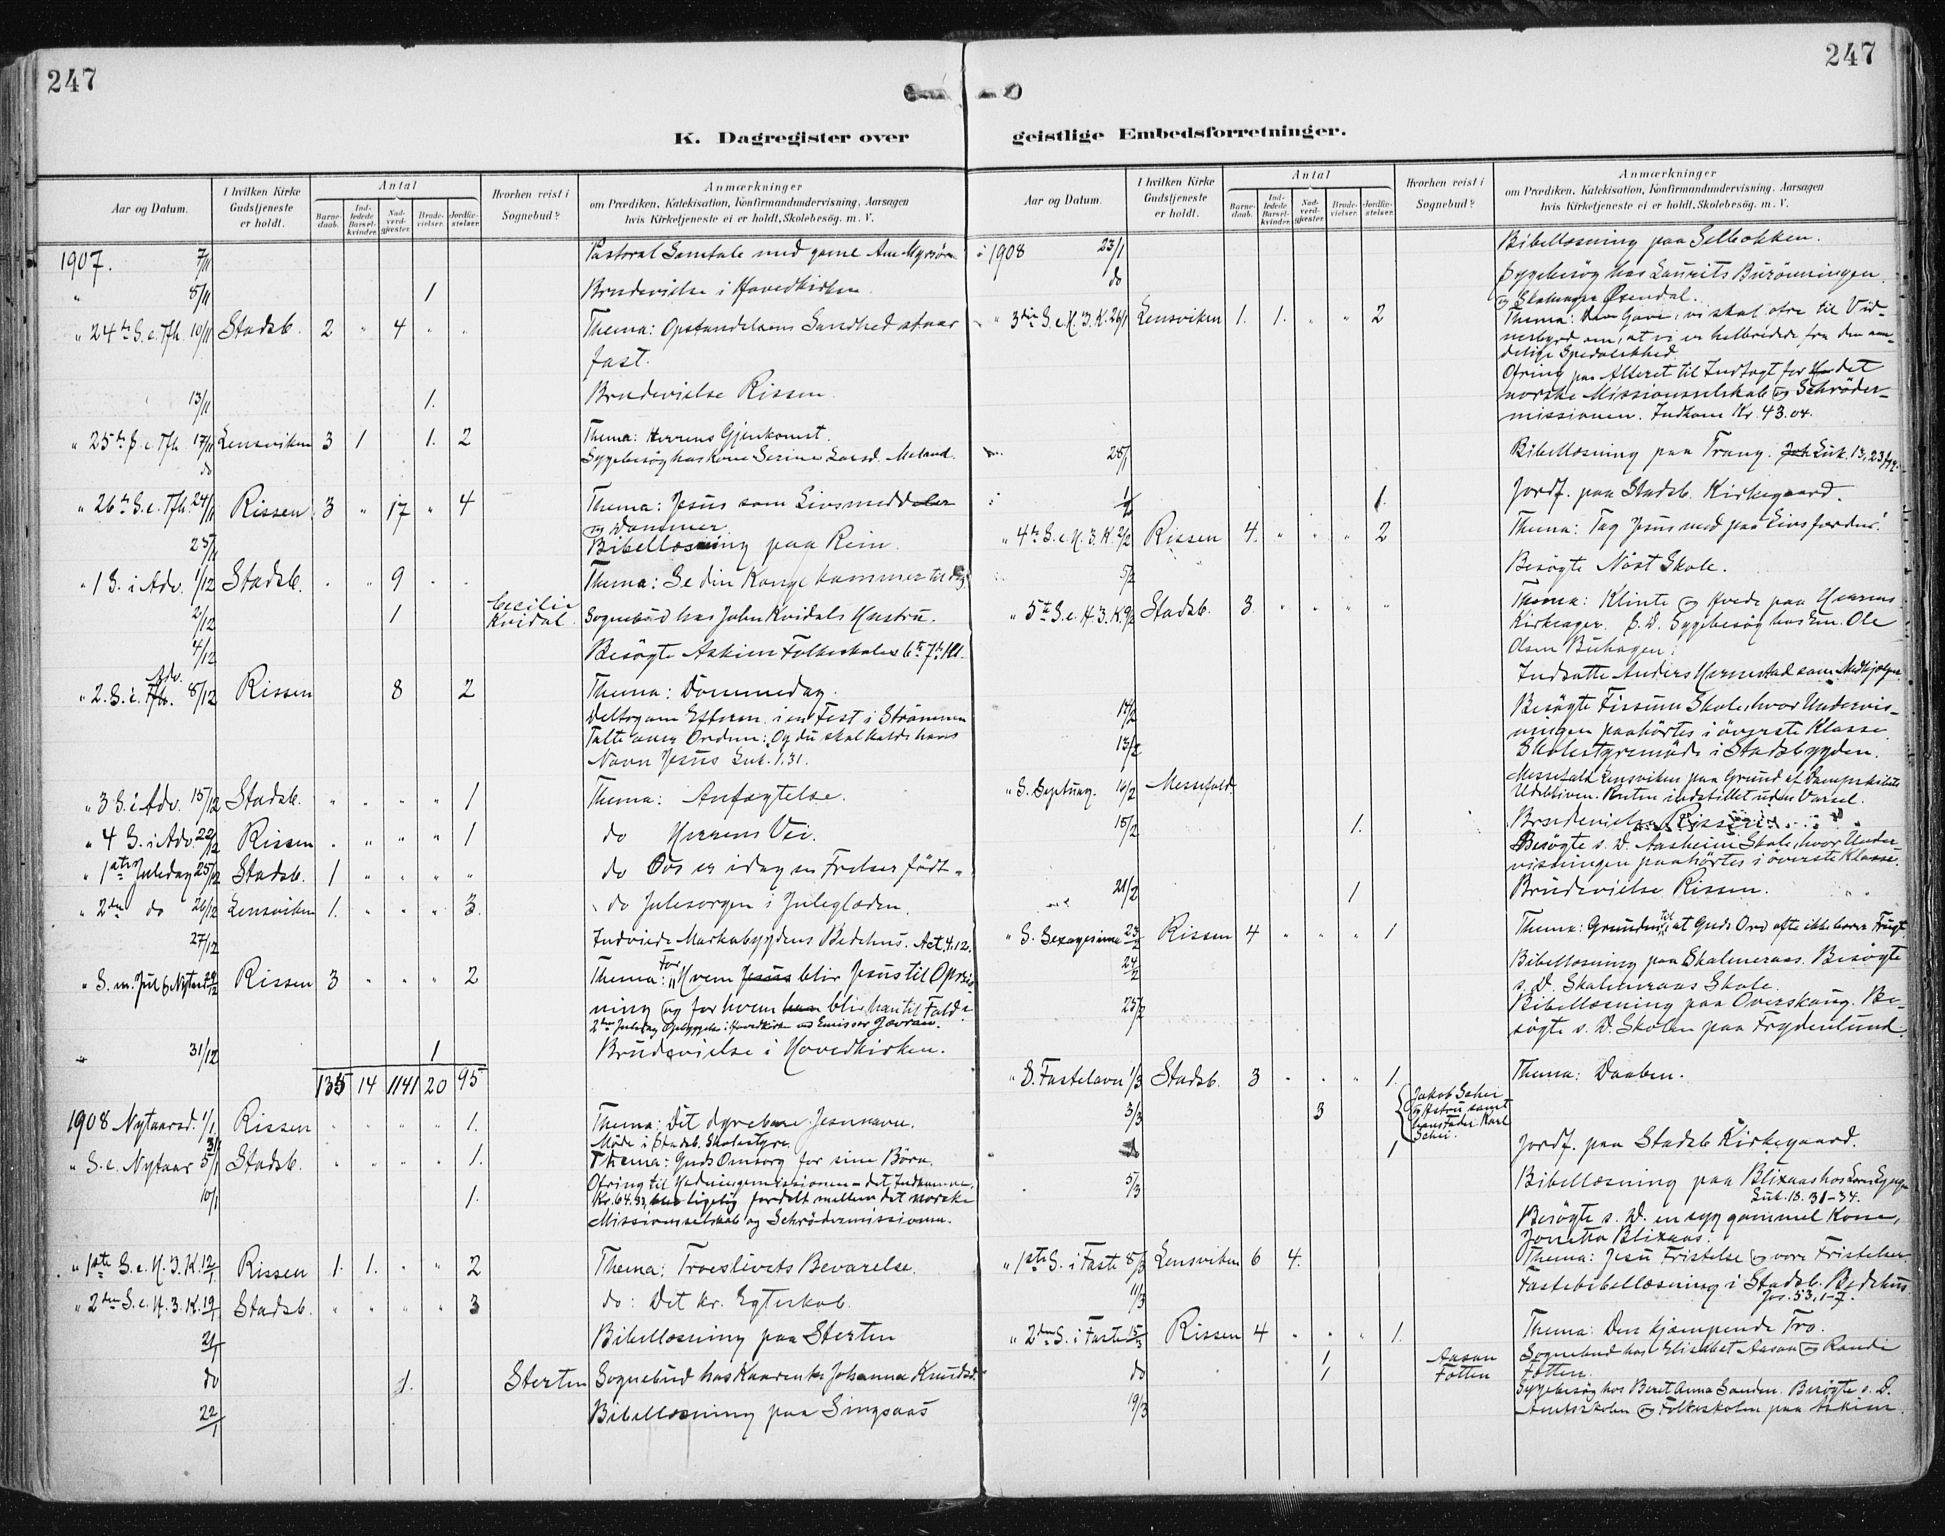 SAT, Ministerialprotokoller, klokkerbøker og fødselsregistre - Sør-Trøndelag, 646/L0616: Ministerialbok nr. 646A14, 1900-1918, s. 247